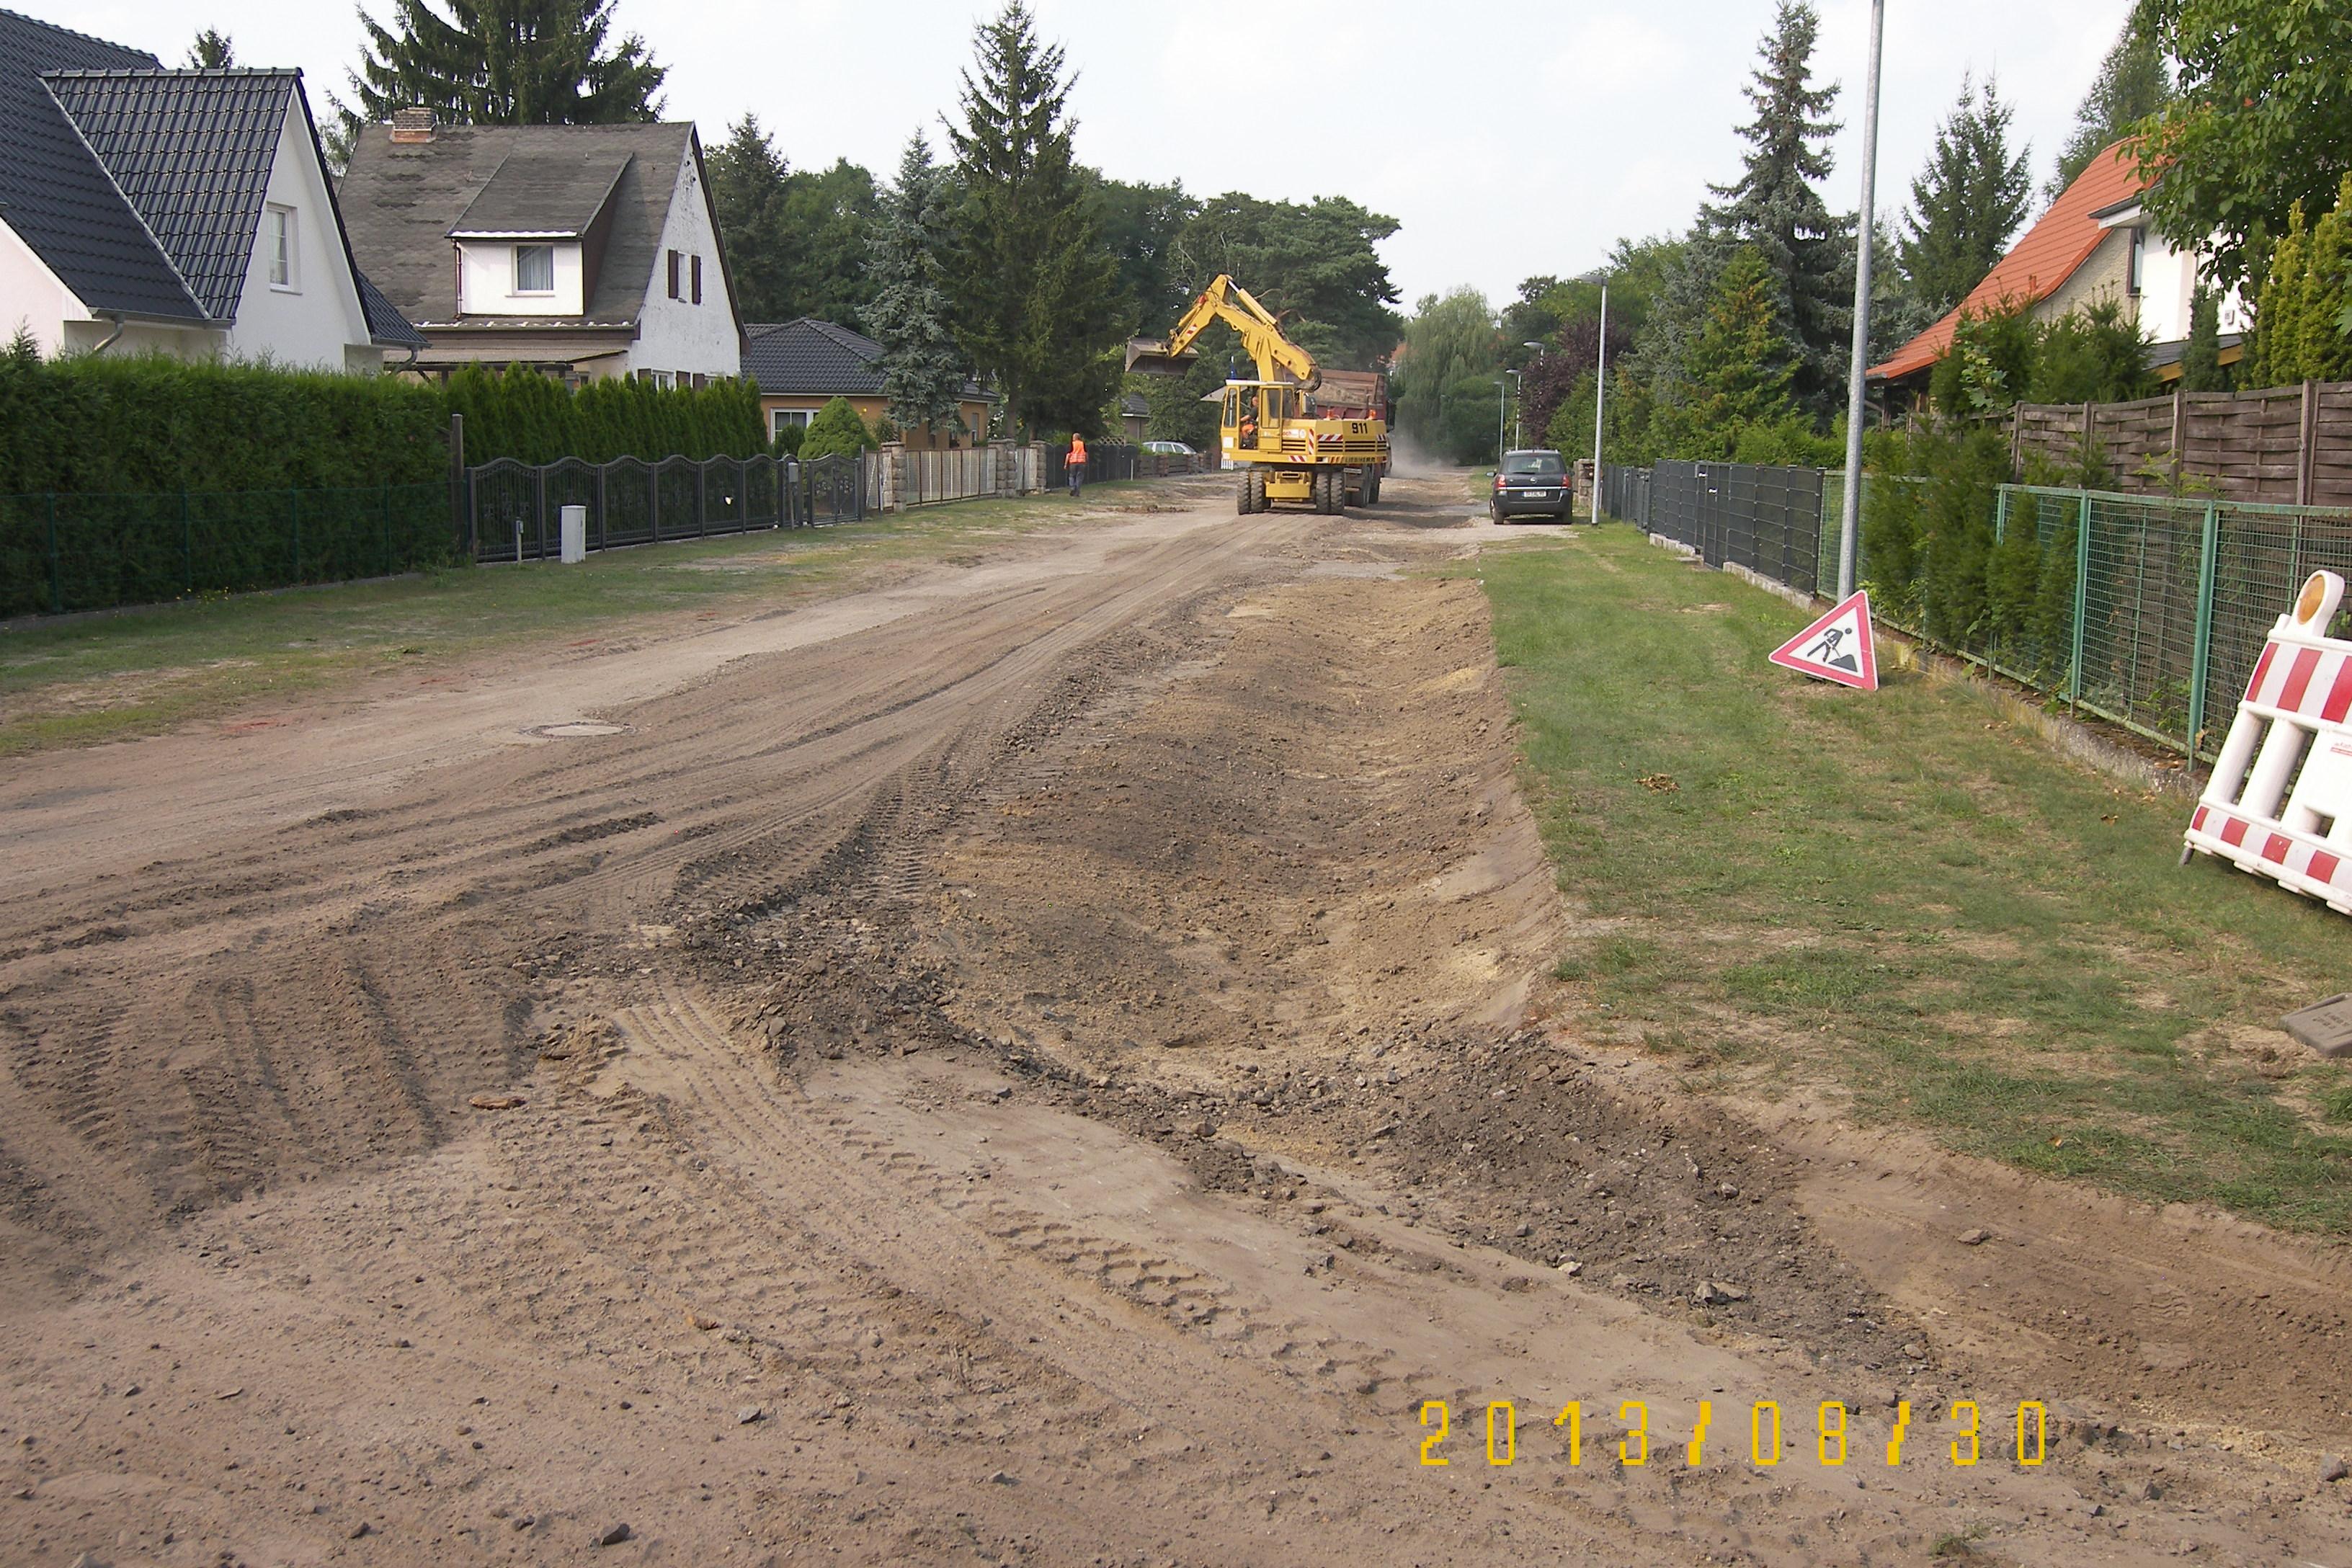 100 5535 Wassergebundene Strassen in Siedlungen